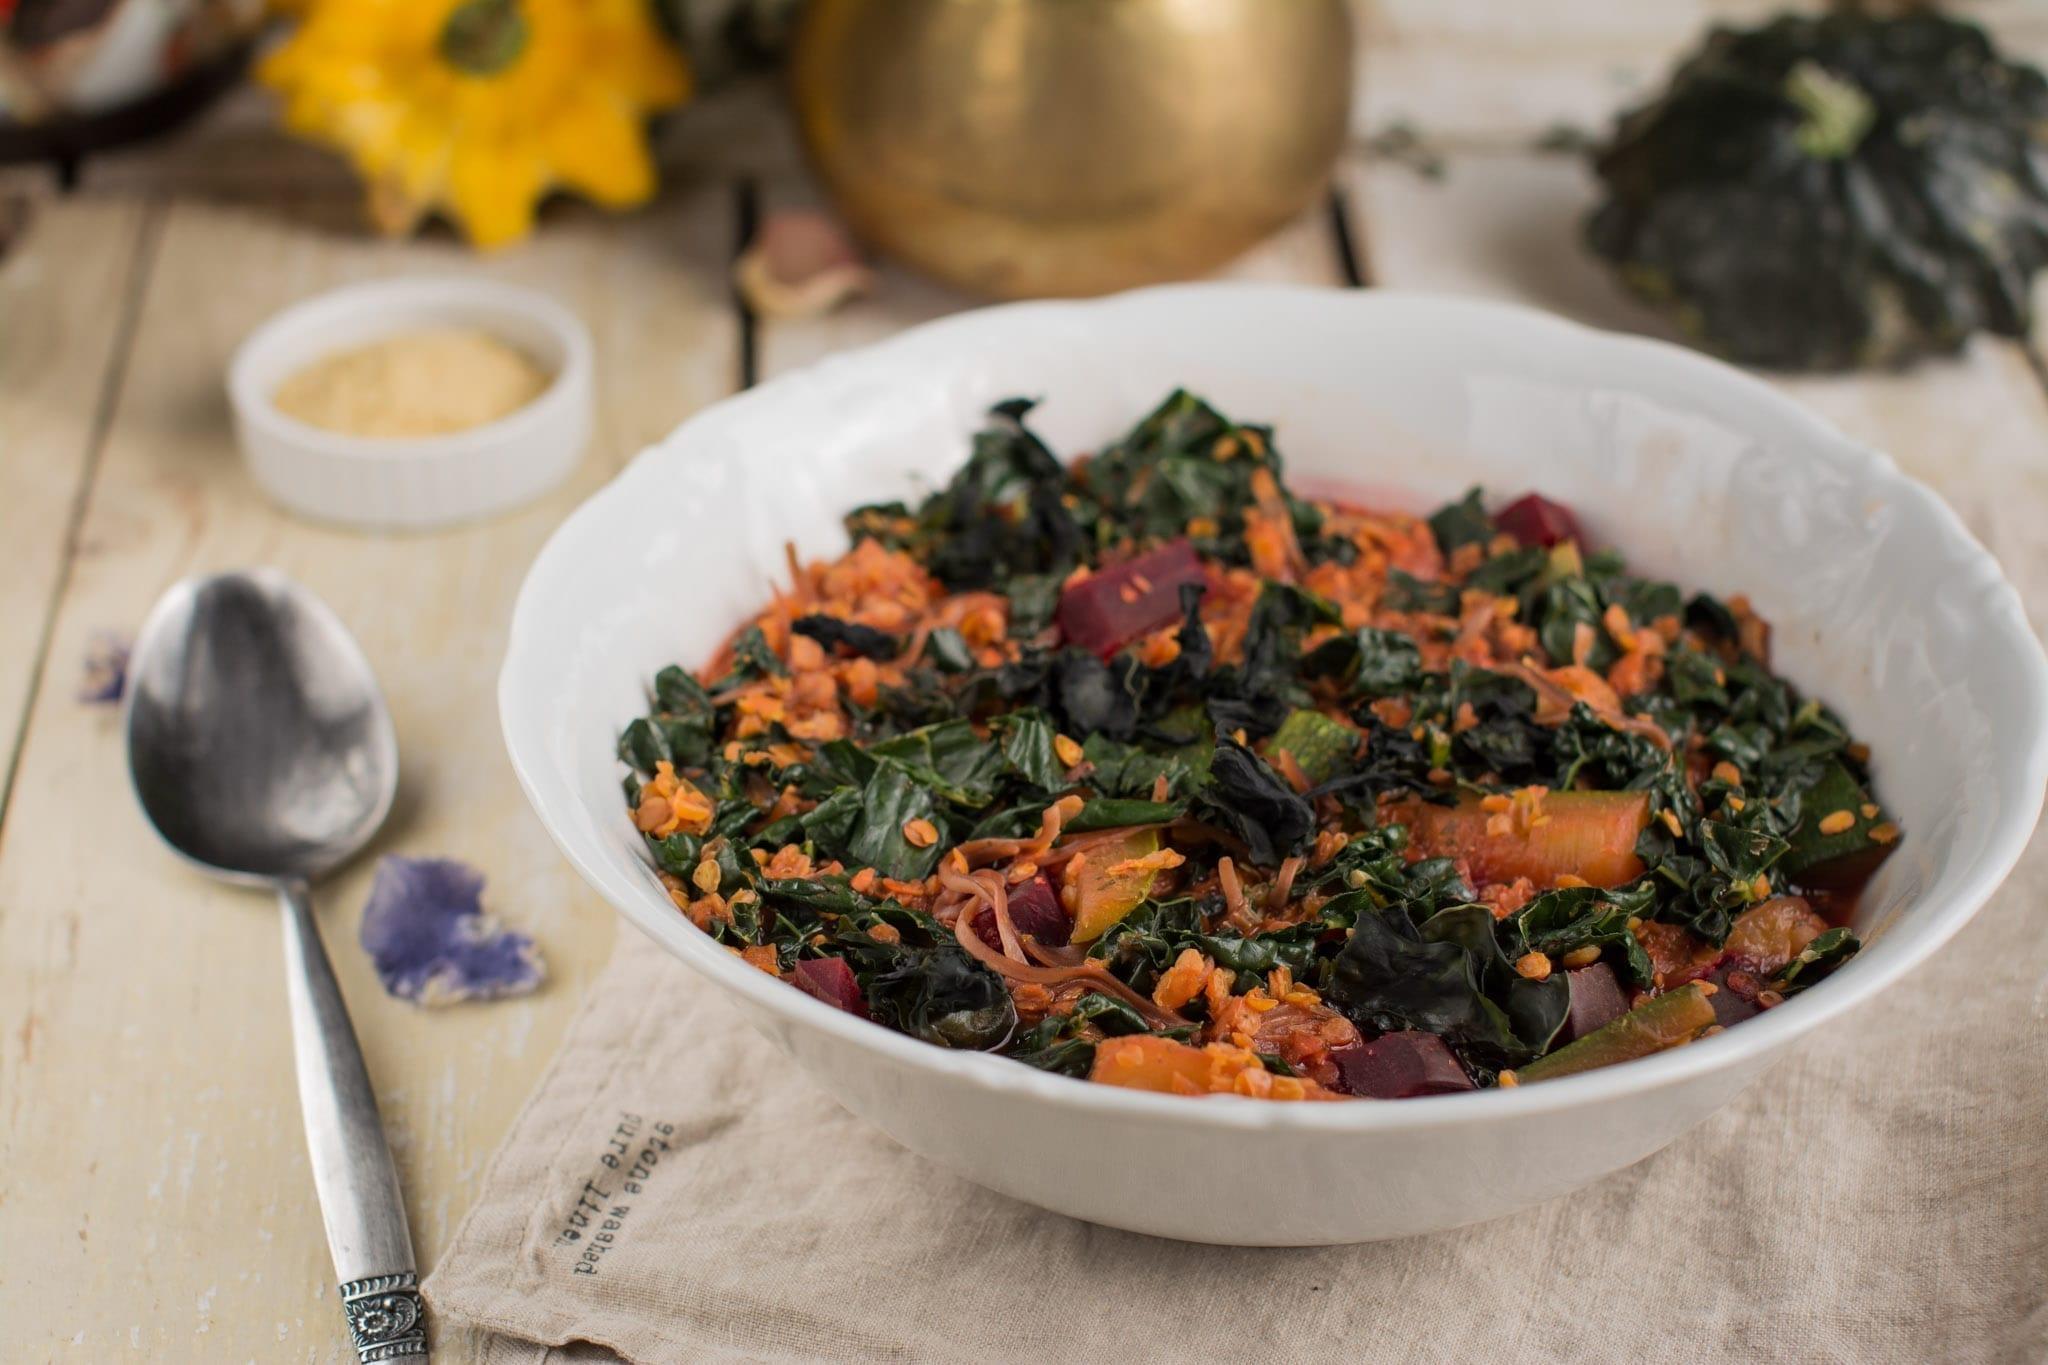 vegan candida diet meal plan Lentil Soup